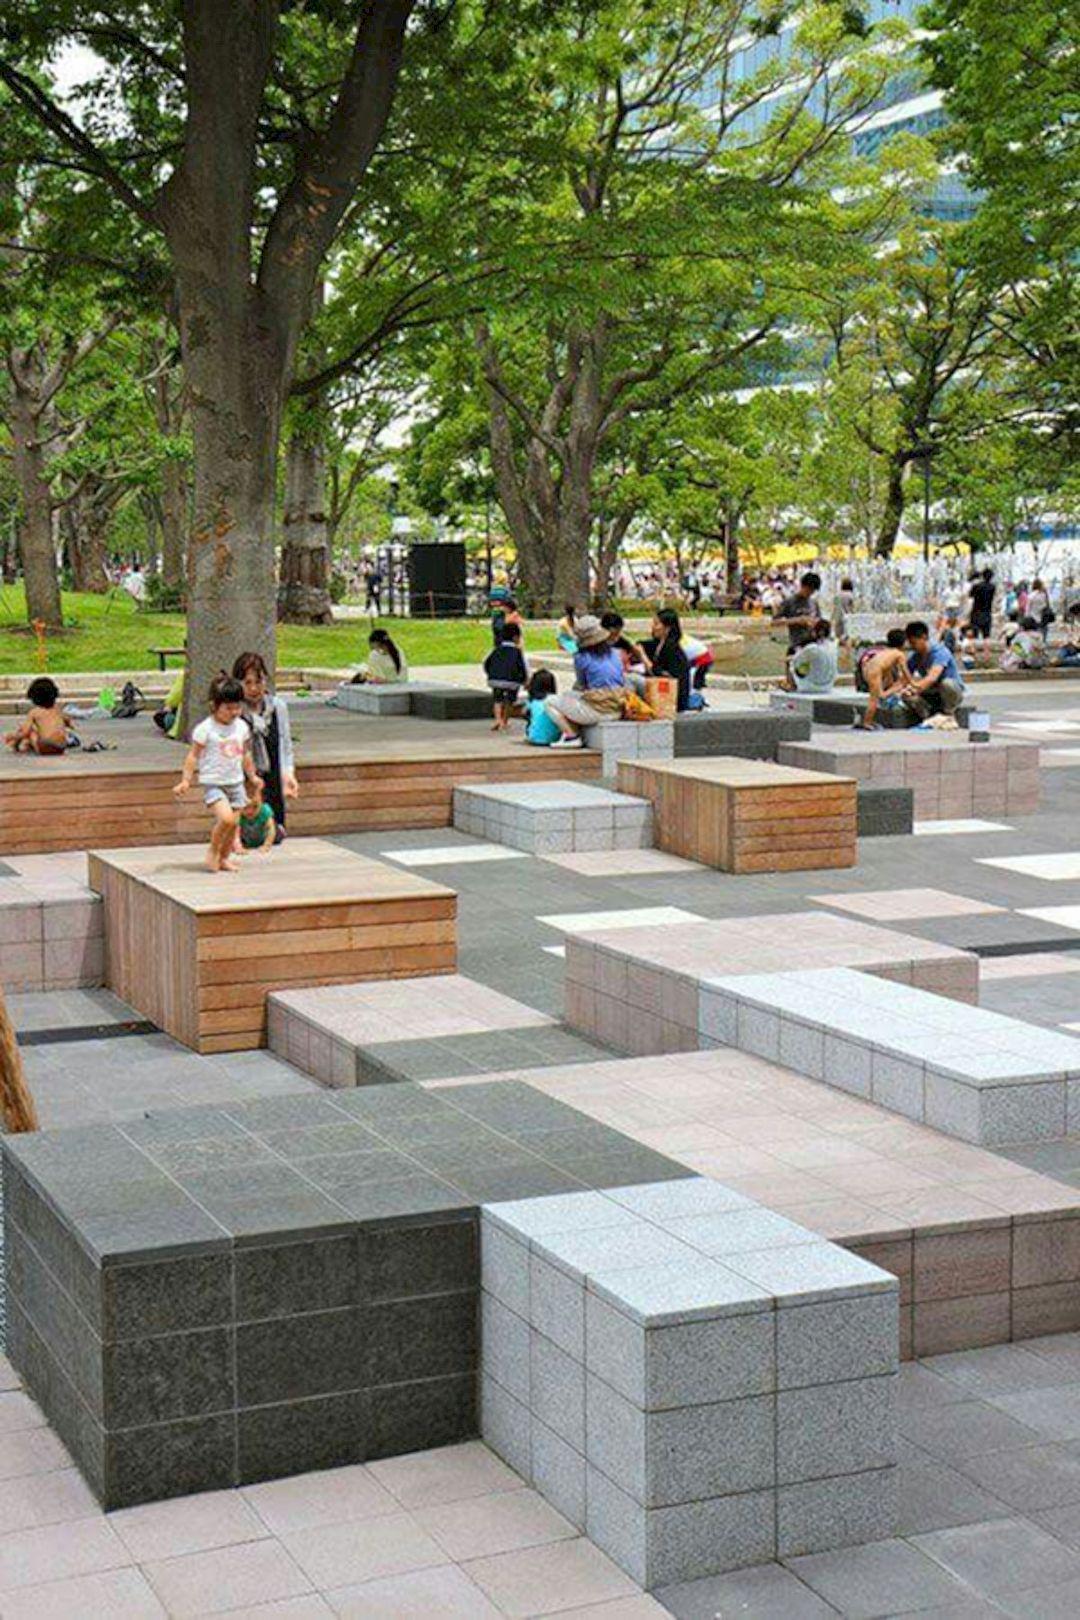 Impressive Urban Public Seating Designs